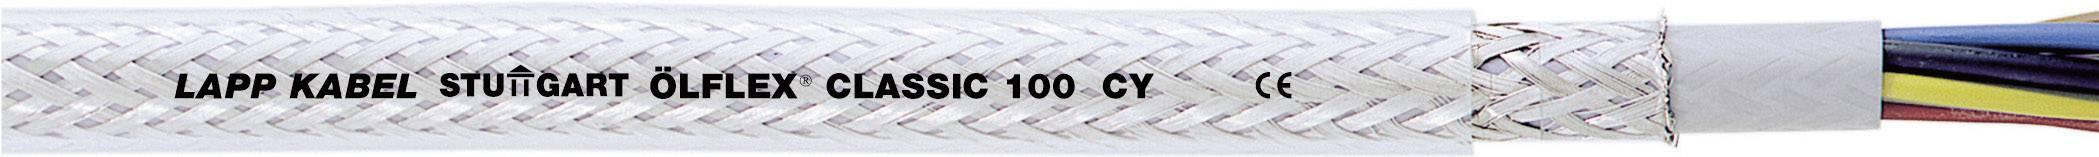 Riadiaci kábel LappKabel ÖLFLEX® CLASSIC 100 CY 0035011, 3 G 2.50 mm², vonkajší Ø 11.80 mm, 750 V, metrový tovar, priehľadná